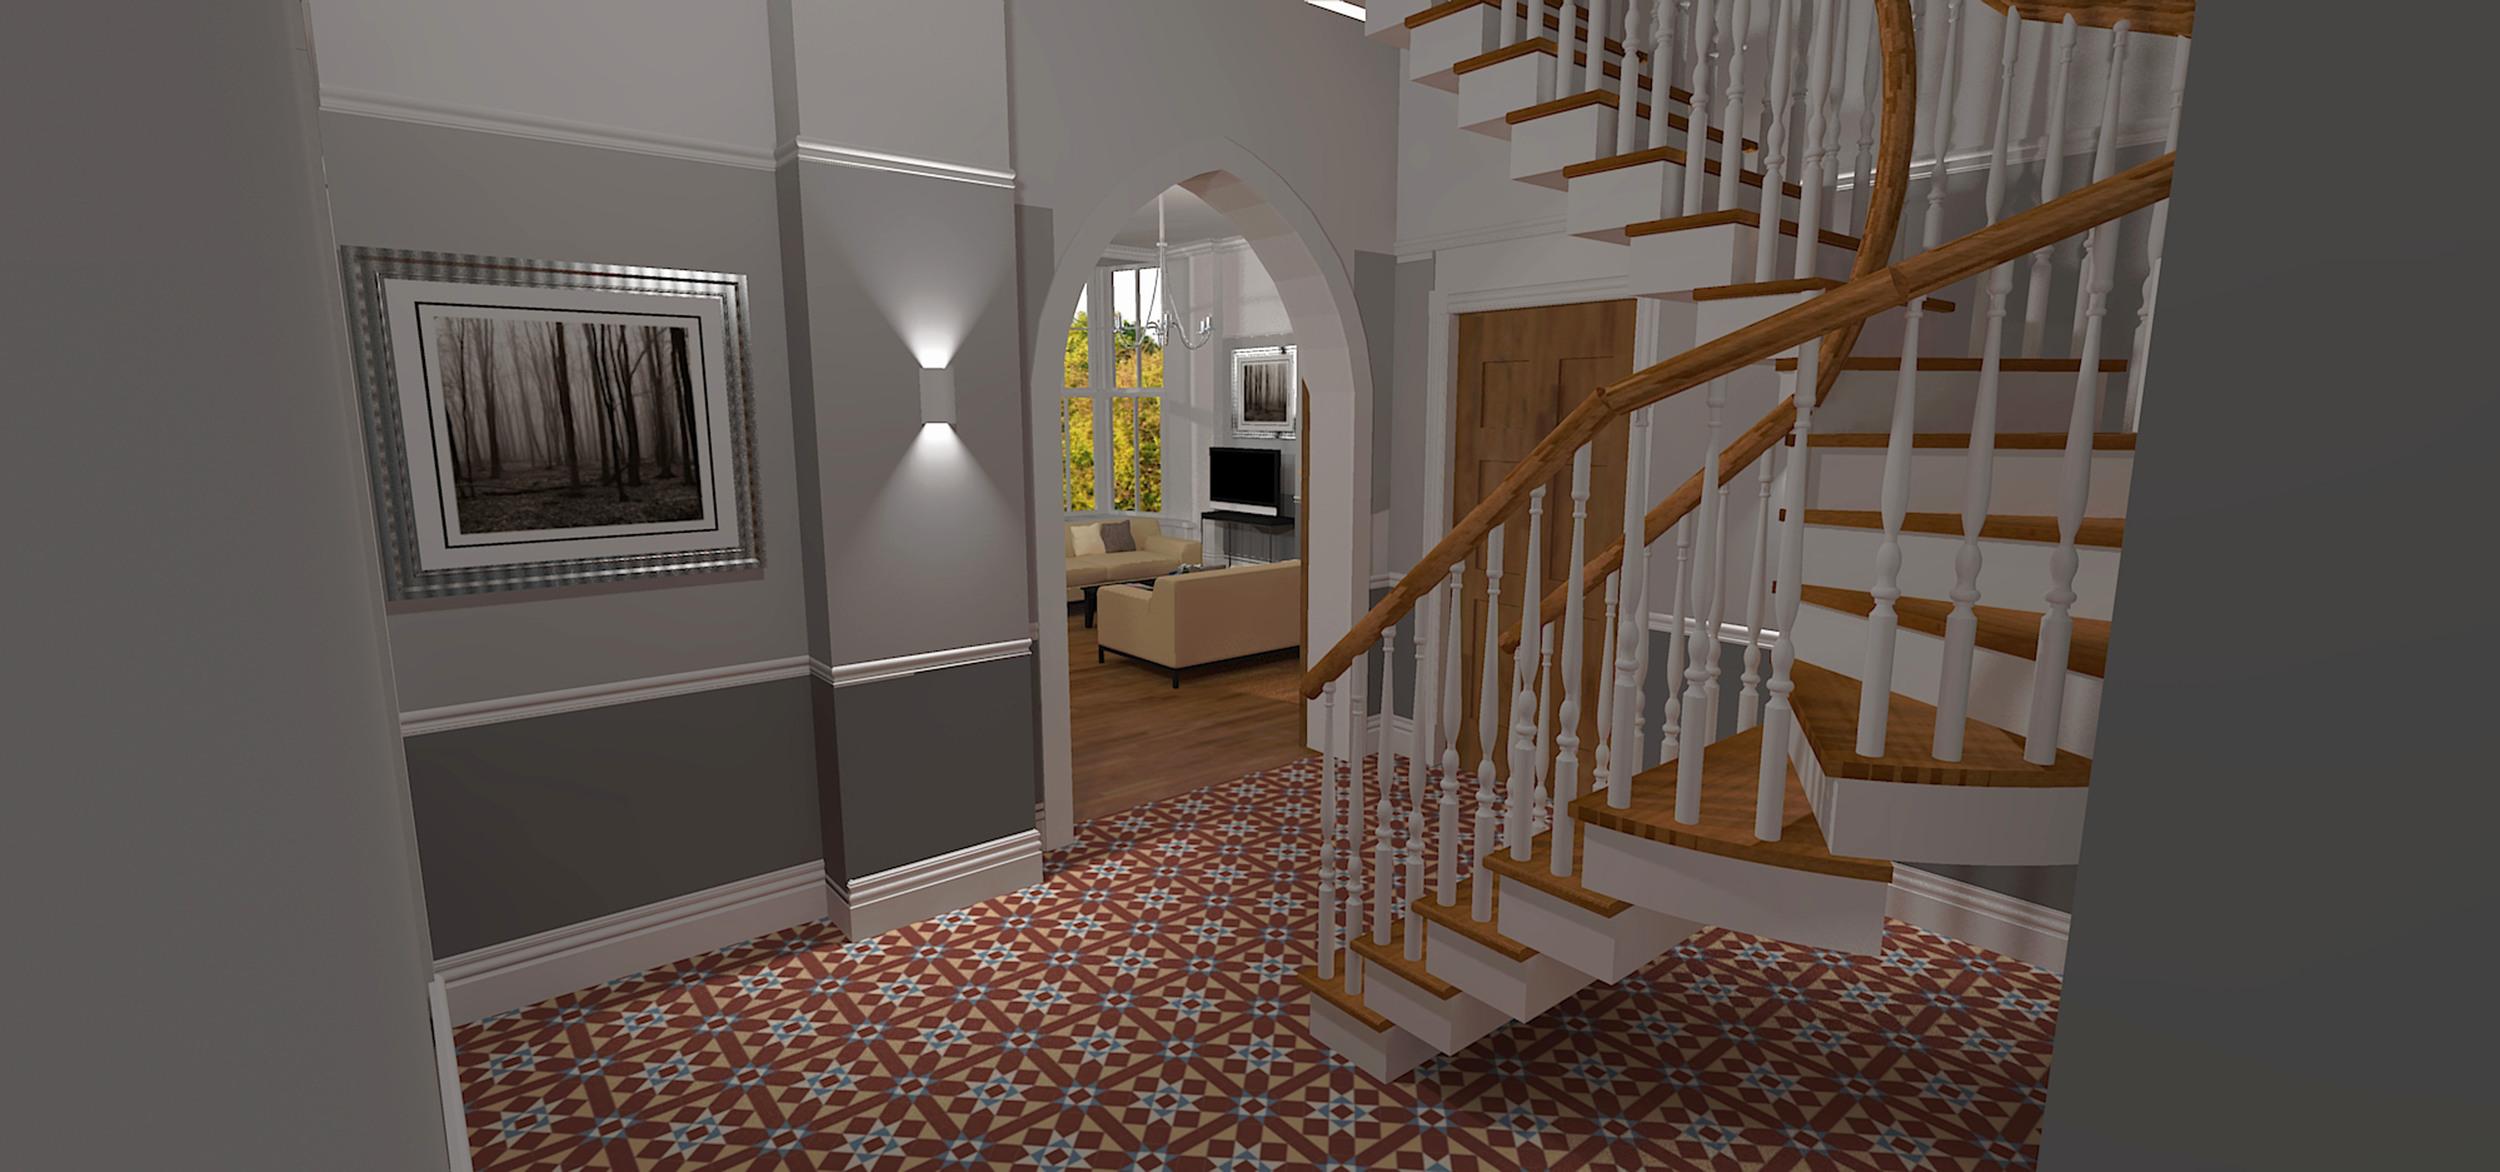 plot 5 living room_Scene 7.jpg